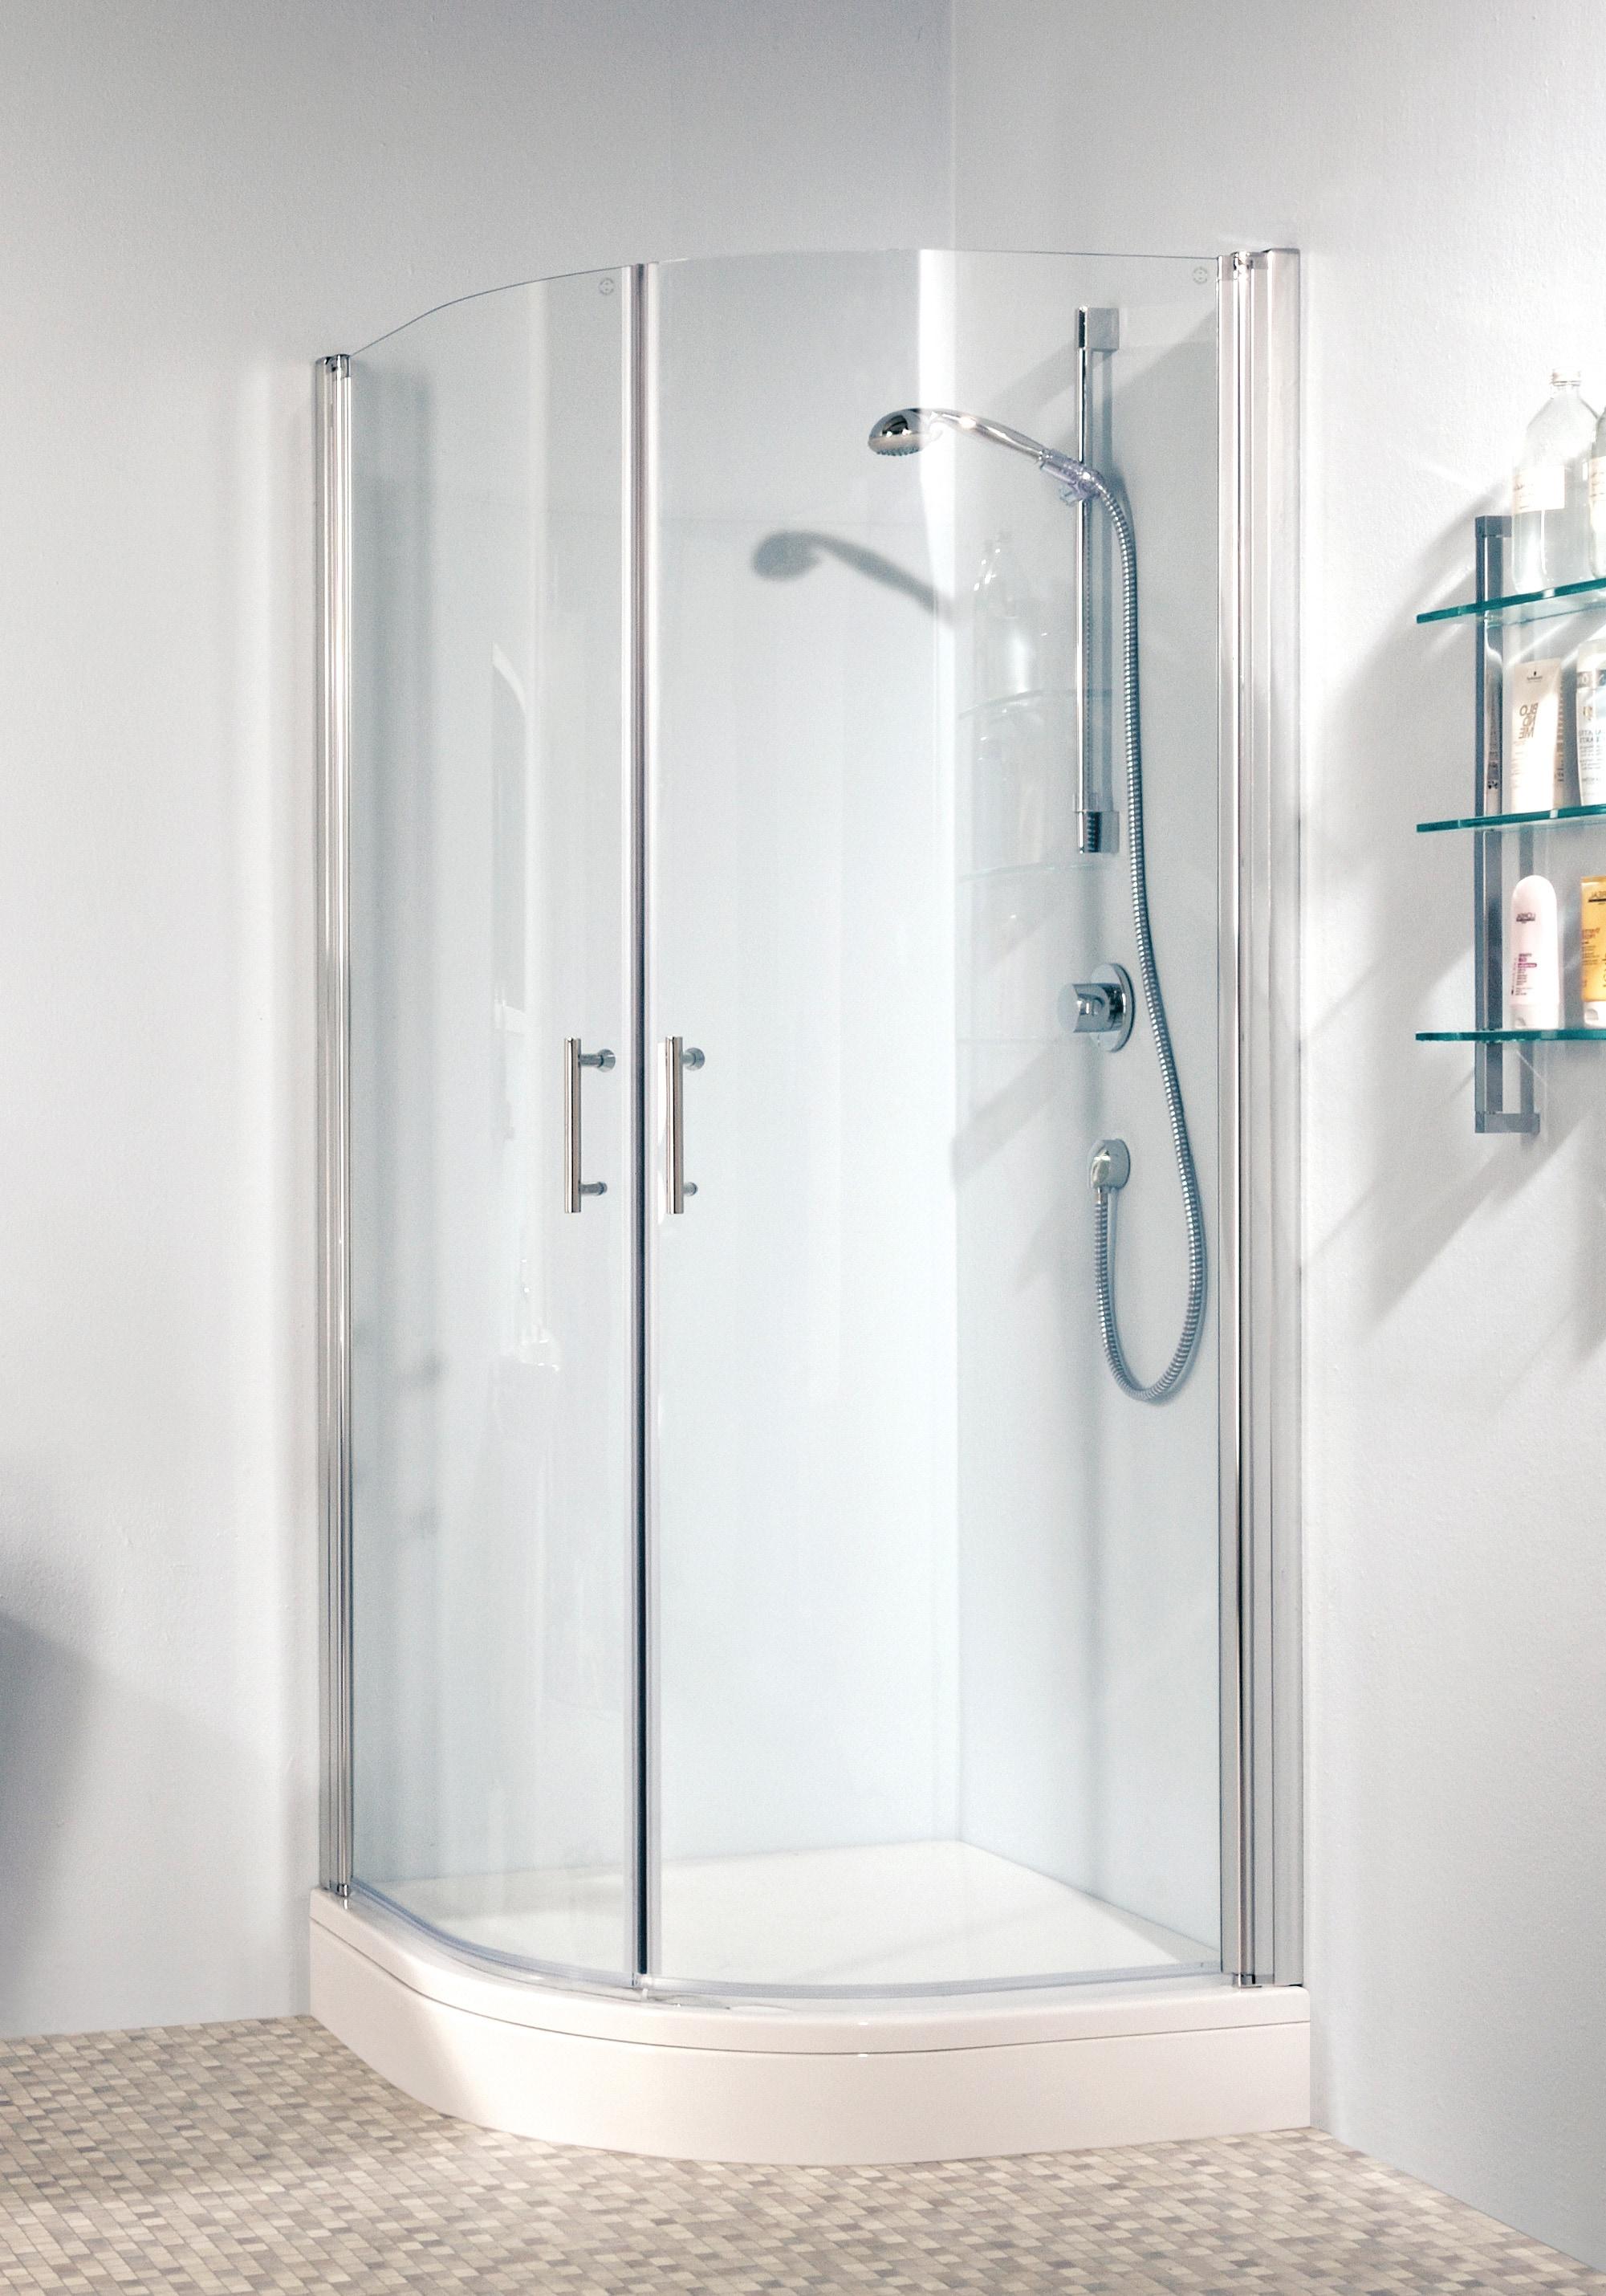 maw Runddusche Relax, mit Schwingtür silberfarben Duschkabinen Duschen Bad Sanitär Eckdusche